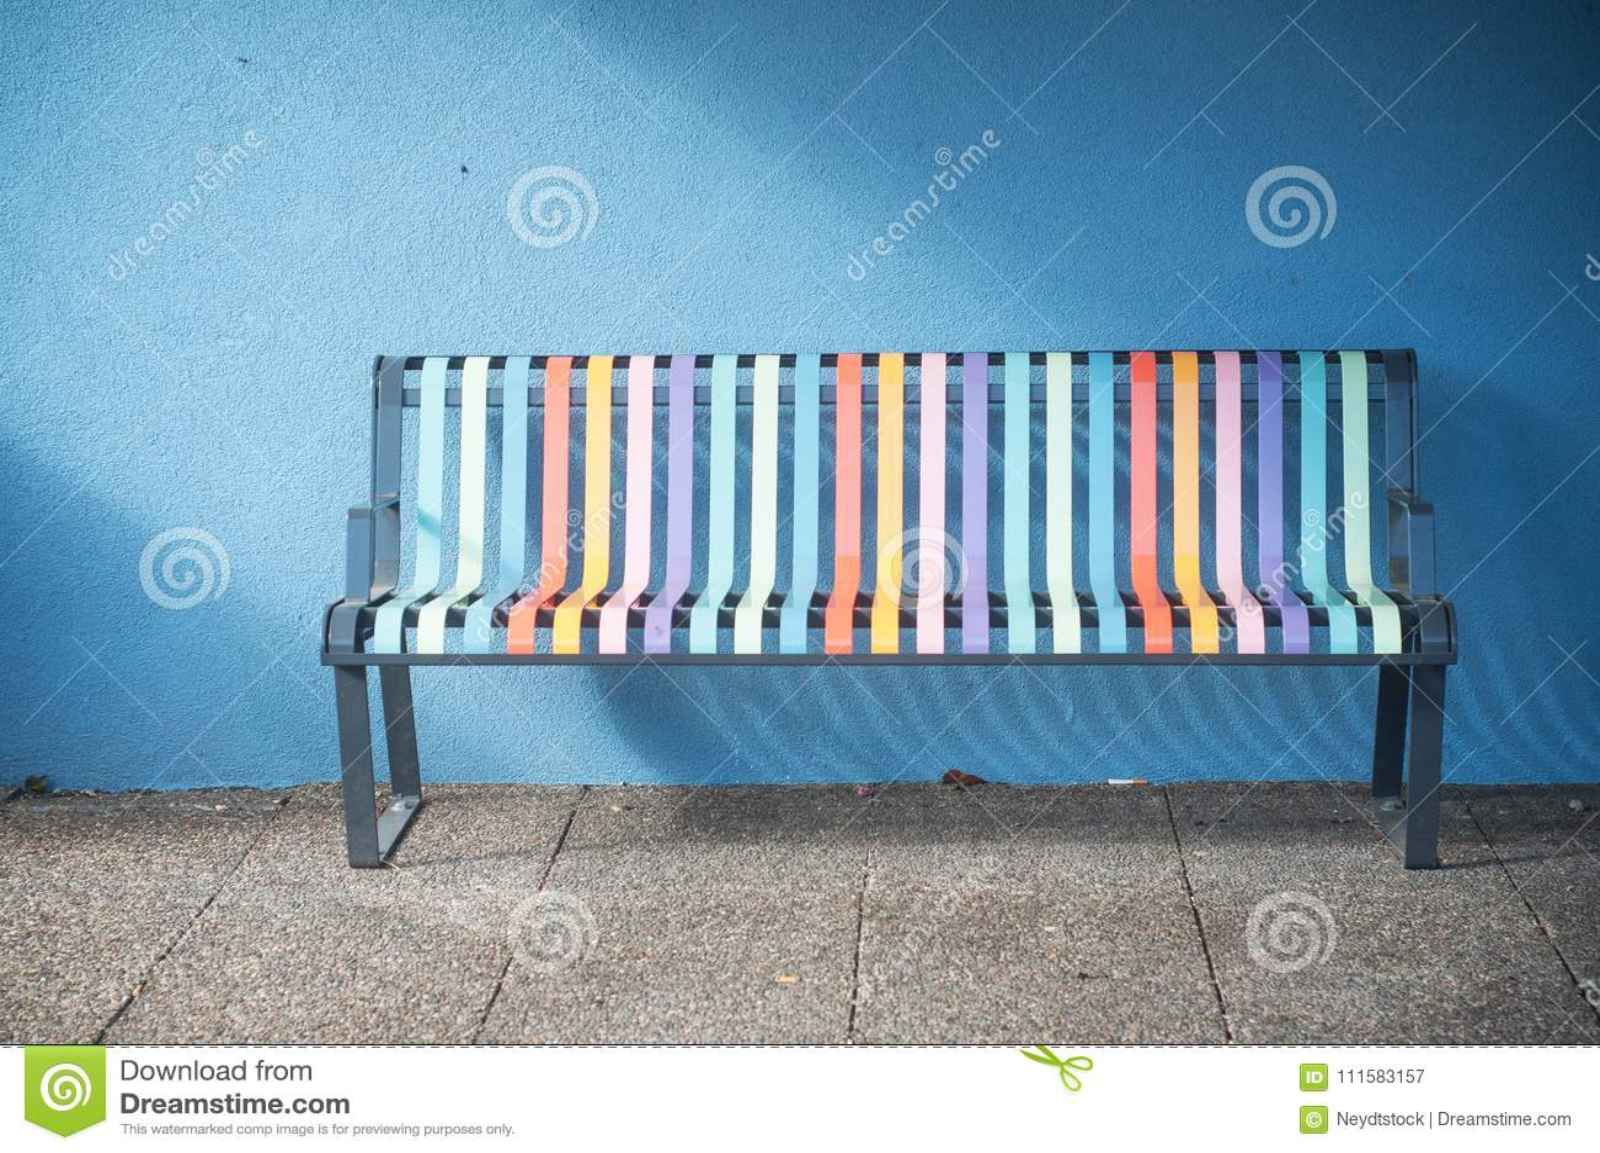 Banc Metallique Colore Dans La Rue Image Stock Image Du